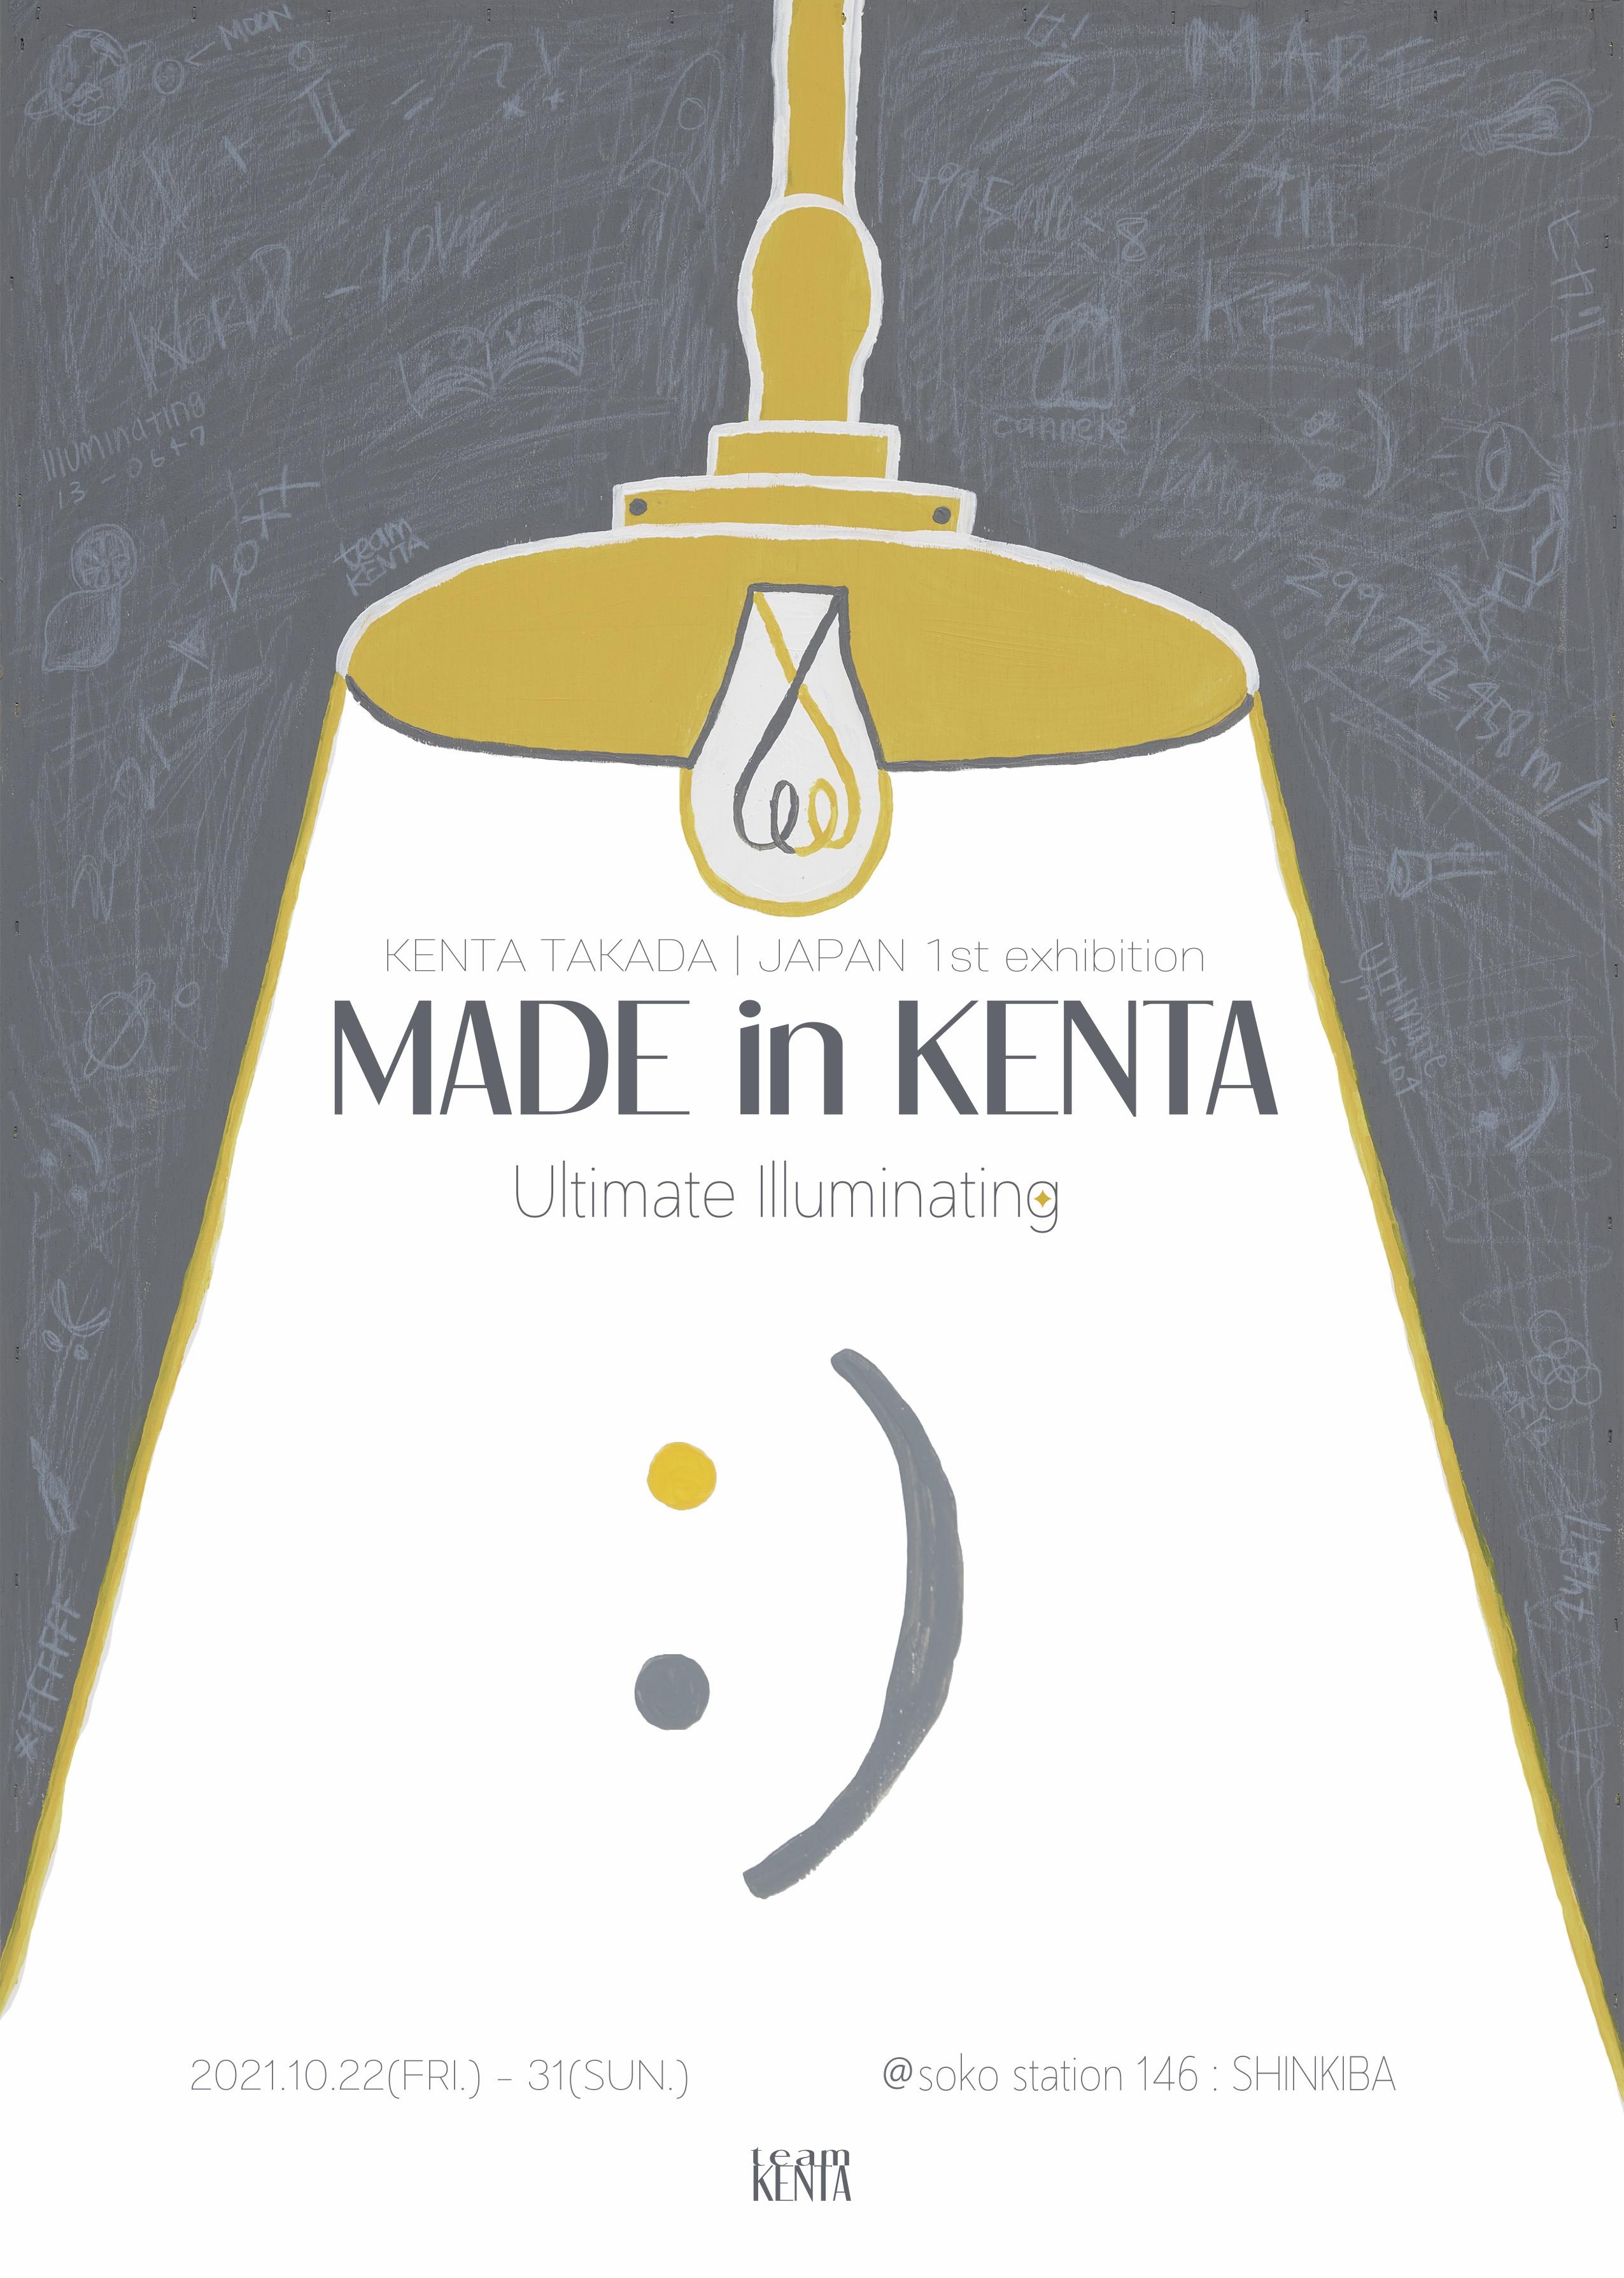 【ミニイベント付きチケット】KENTA TAKADA JAPAN 1st exhibition  「MADE in KENTA : Ultimate Illuminating」